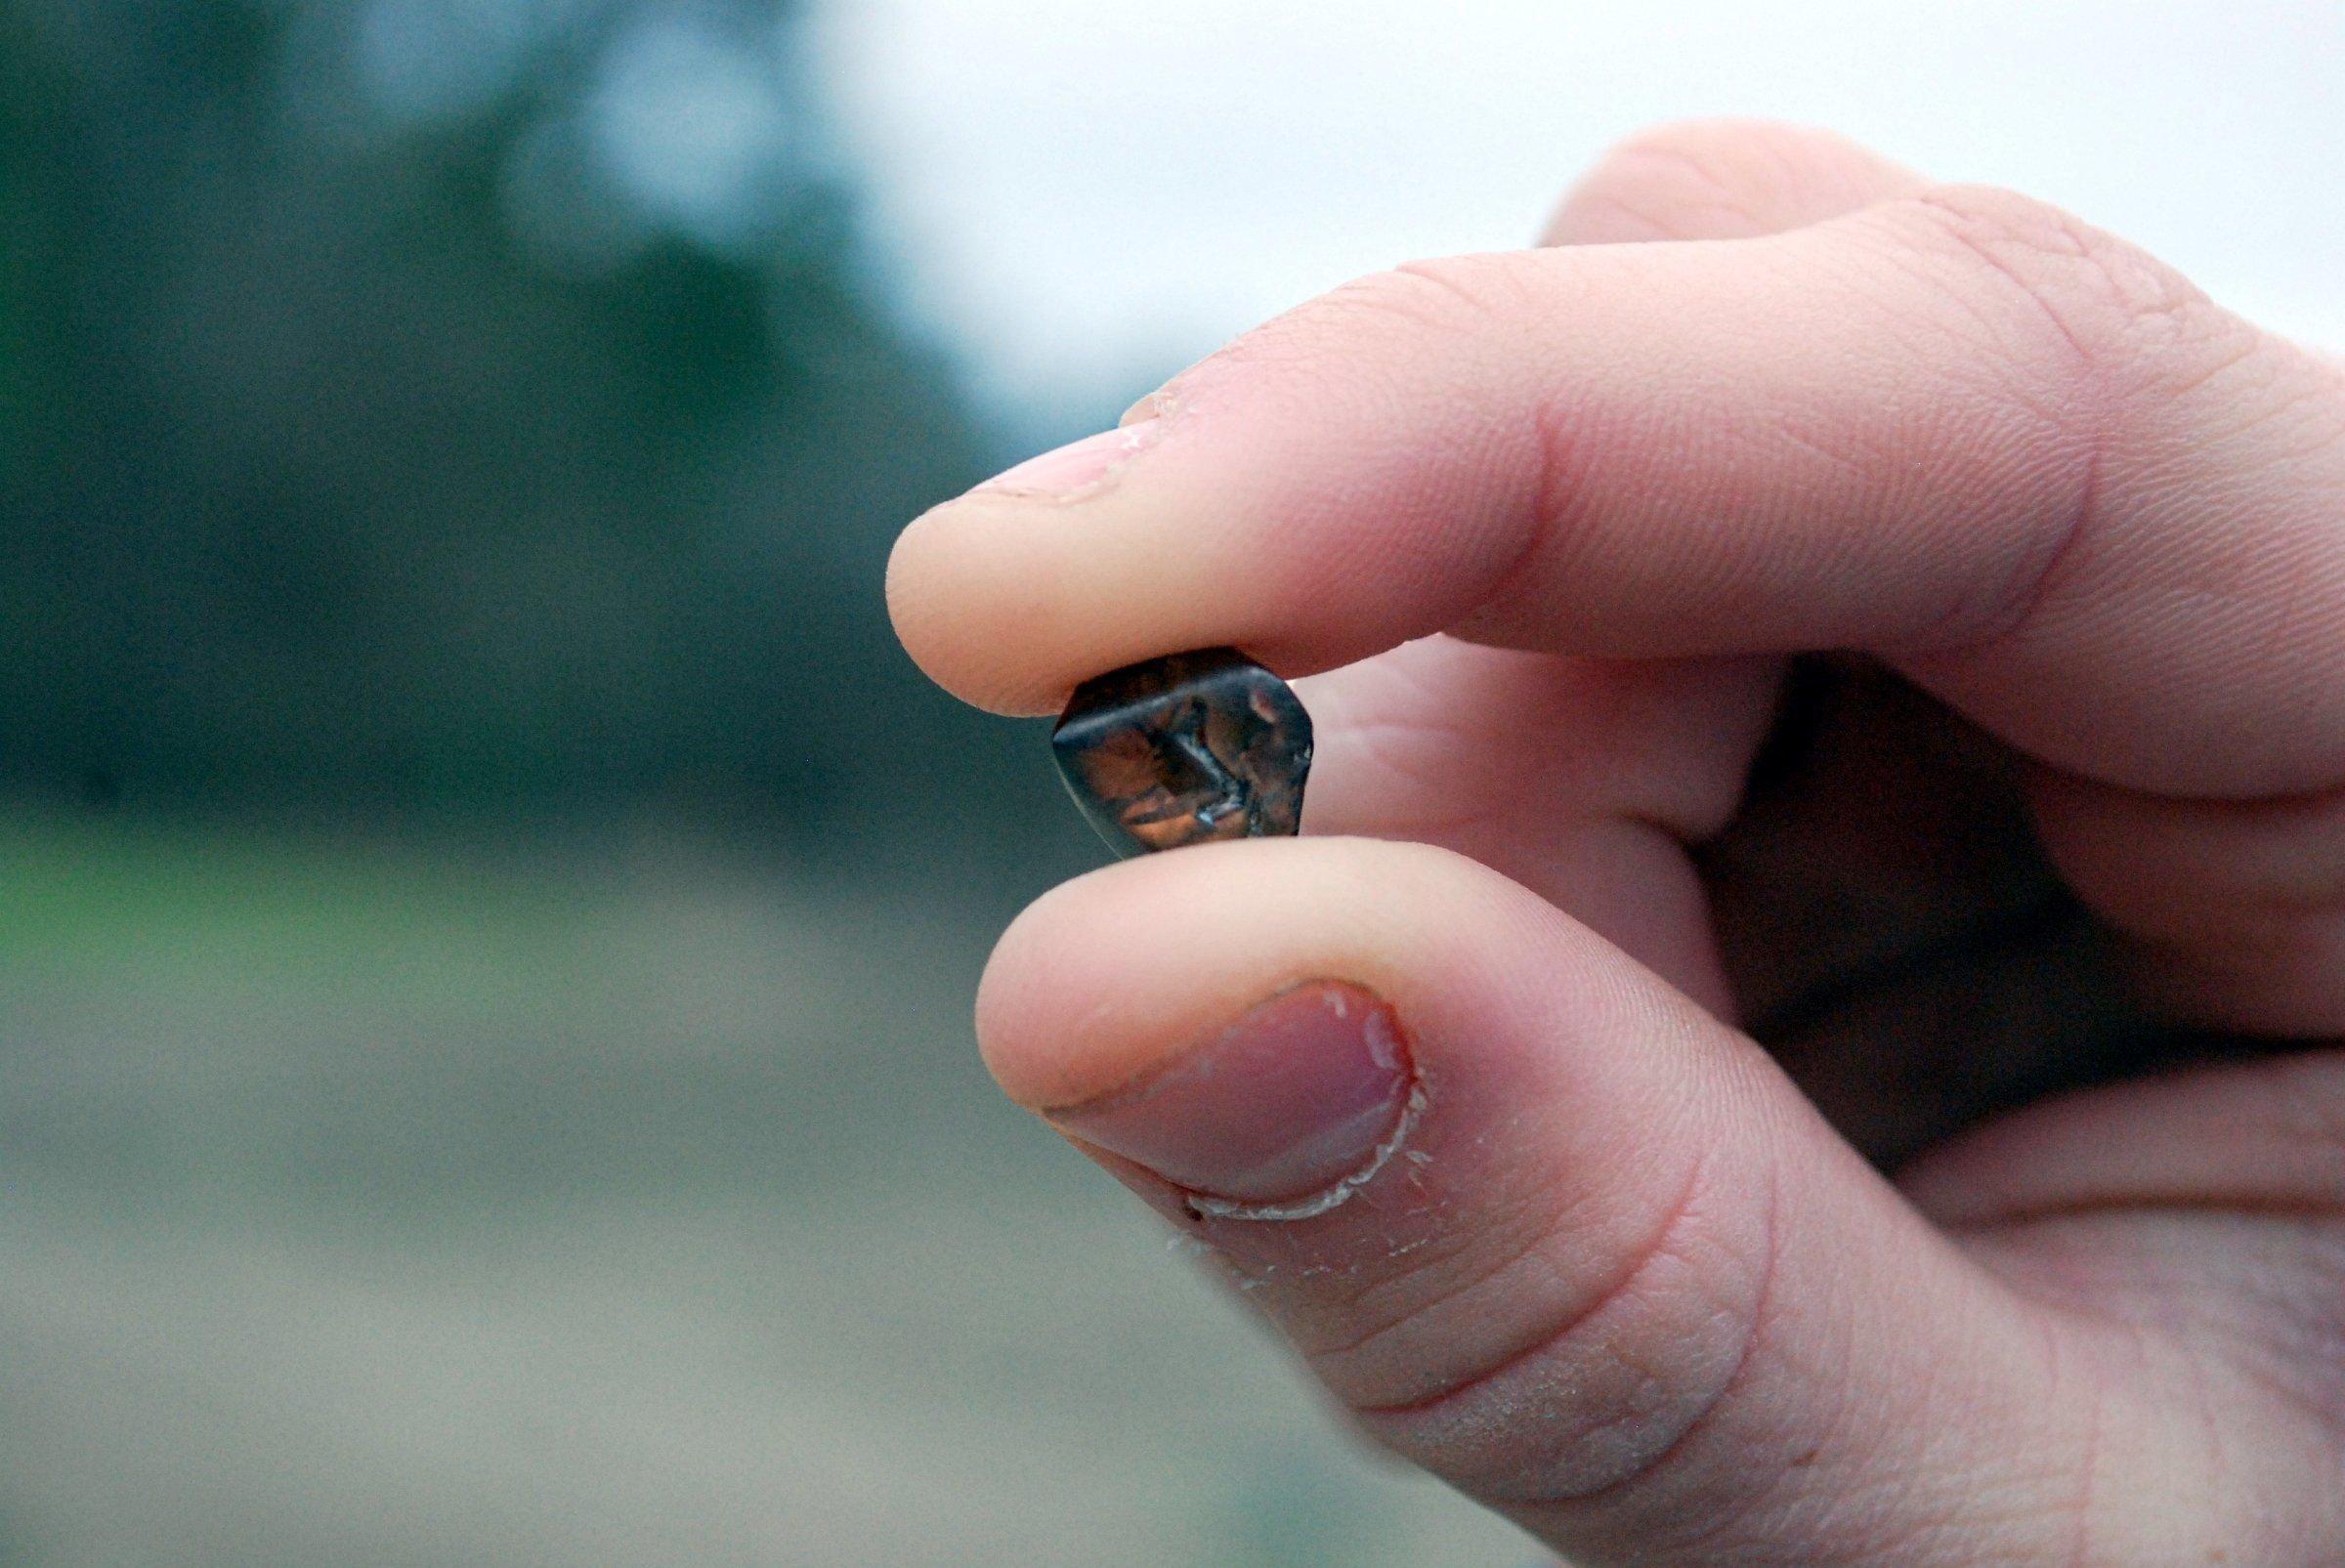 Diamant de 7,44 carats a été découvert dans l'État américain de l'Arkansas